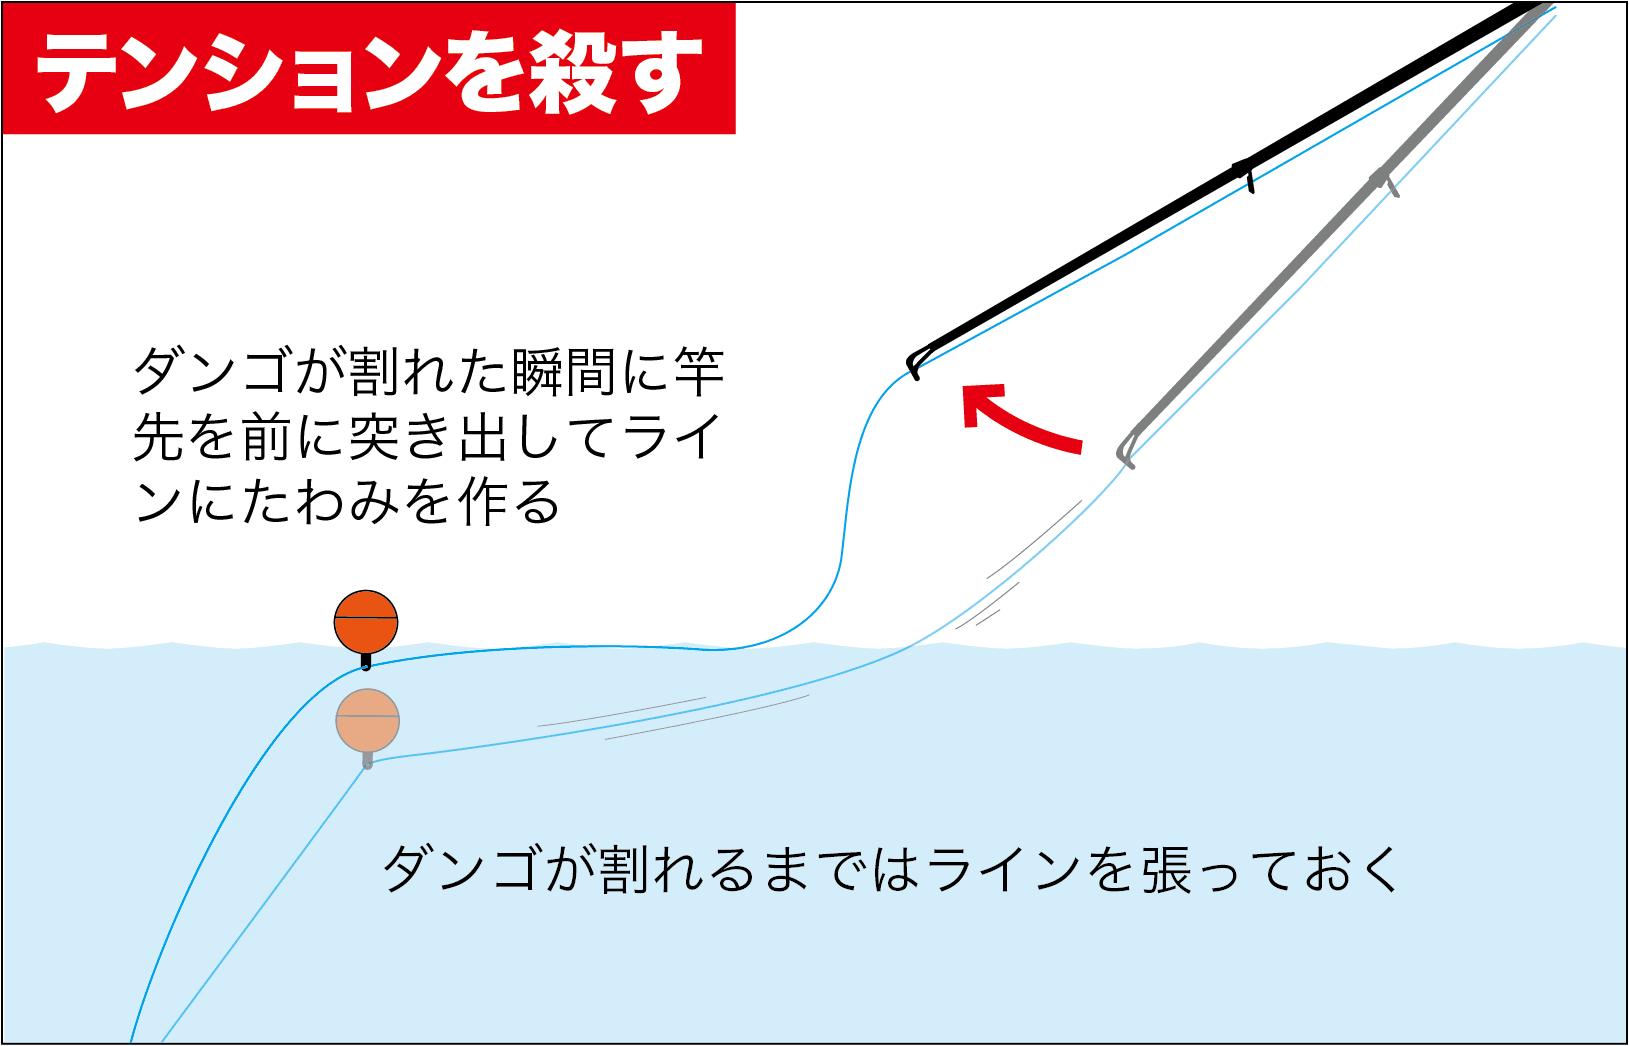 QA-kisyuu-mukaikaze-02003